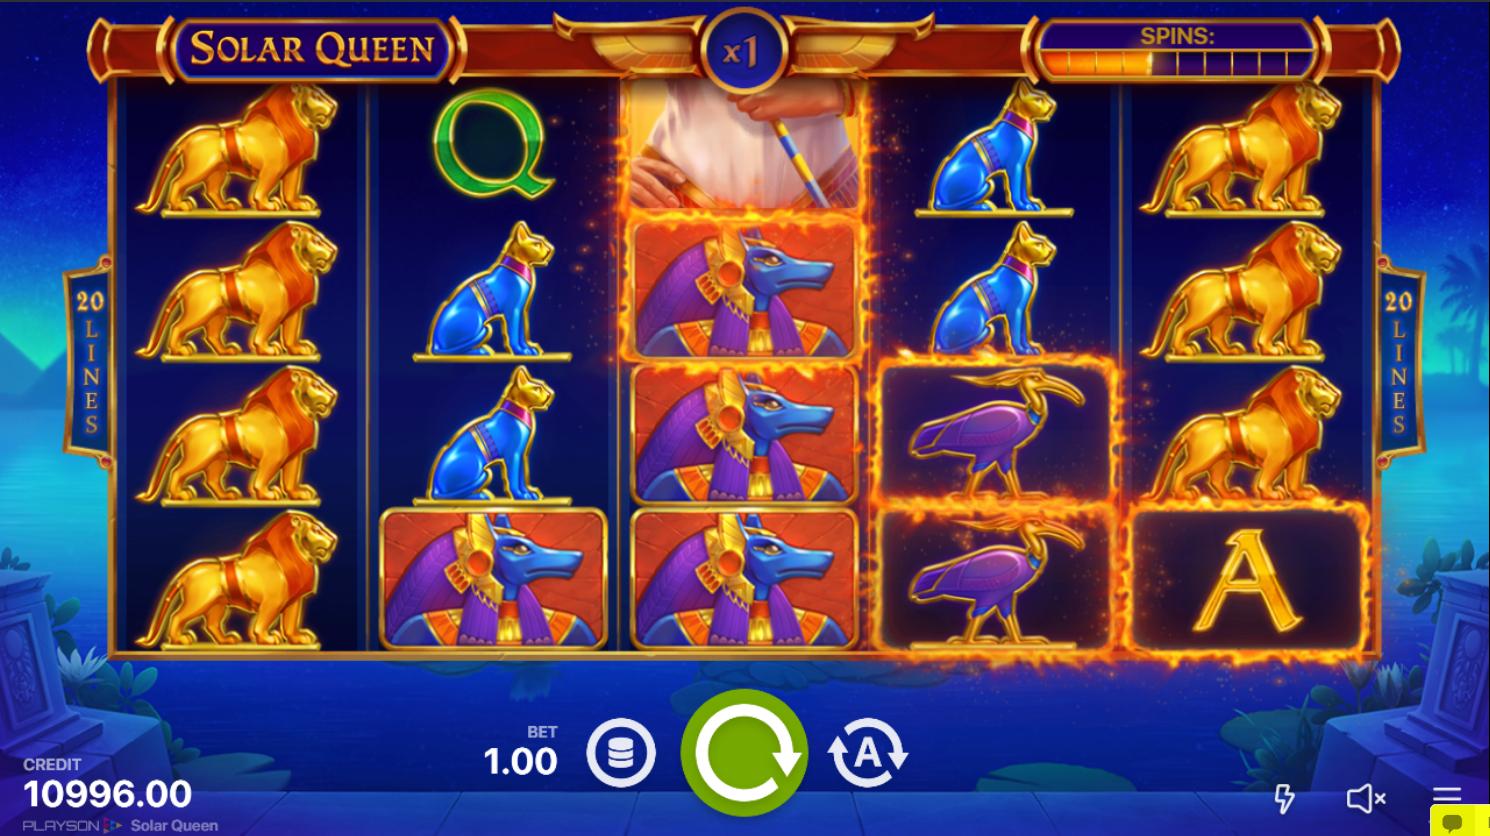 правила игры в слот Solar Queen